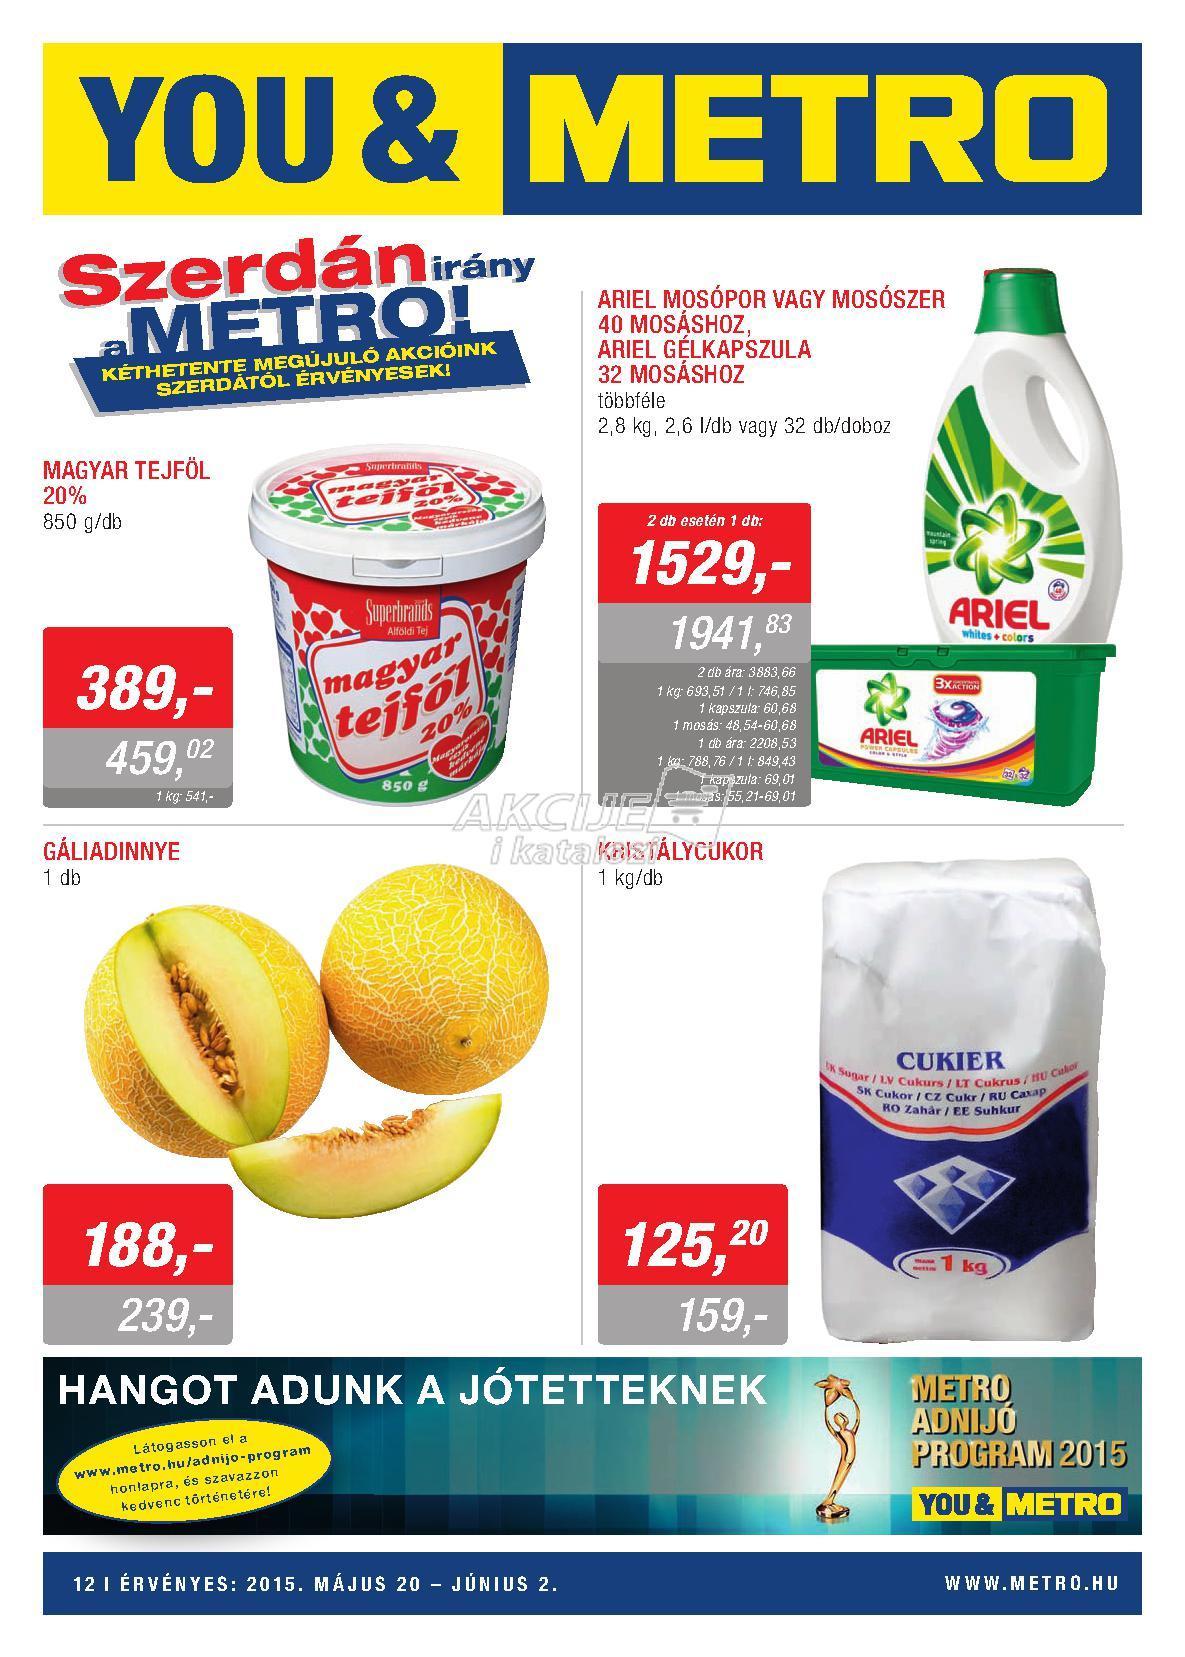 Metro Mađarska akcija ponuda prehrane i hemije